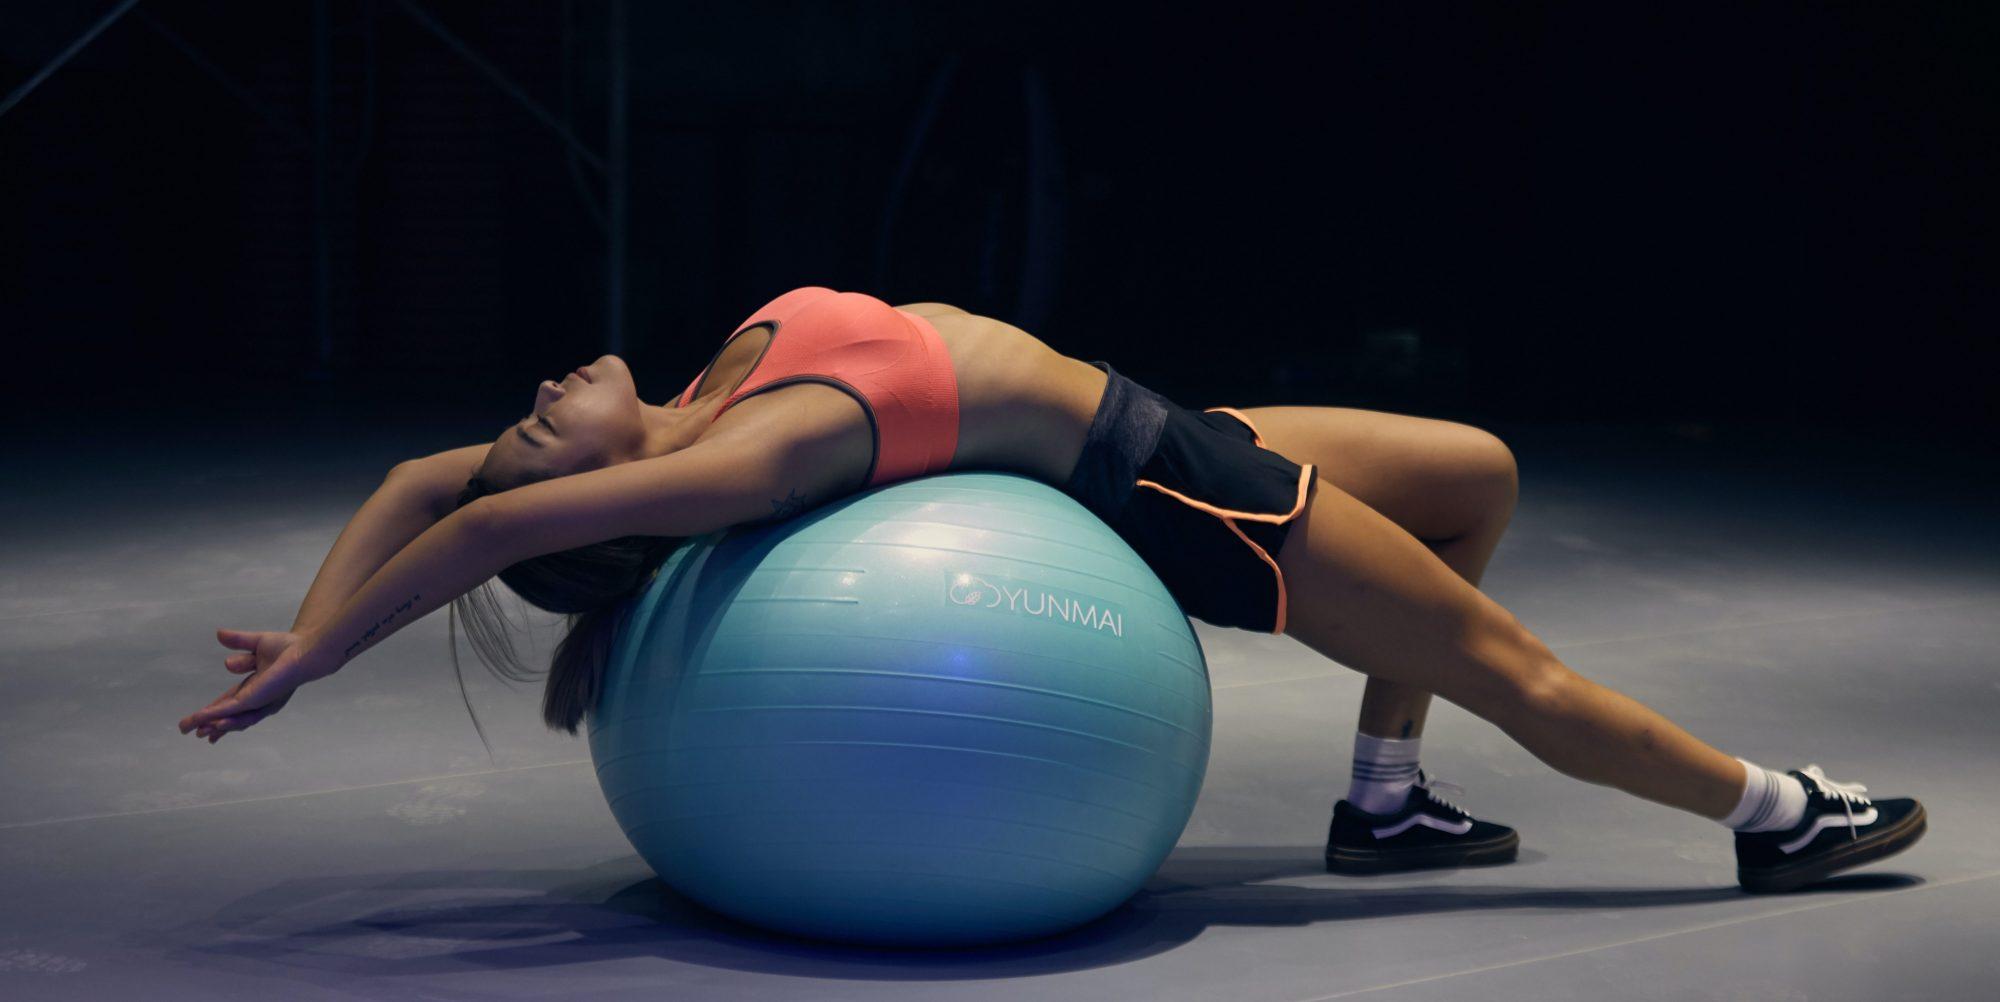 Πώς θα αλλάξει η σχέση σου με τη γυμναστική μετά τη γέννα Τα πάντα αλλάζουν μετά την εγκυμοσύνη και τον ερχομό του μωρού σου.